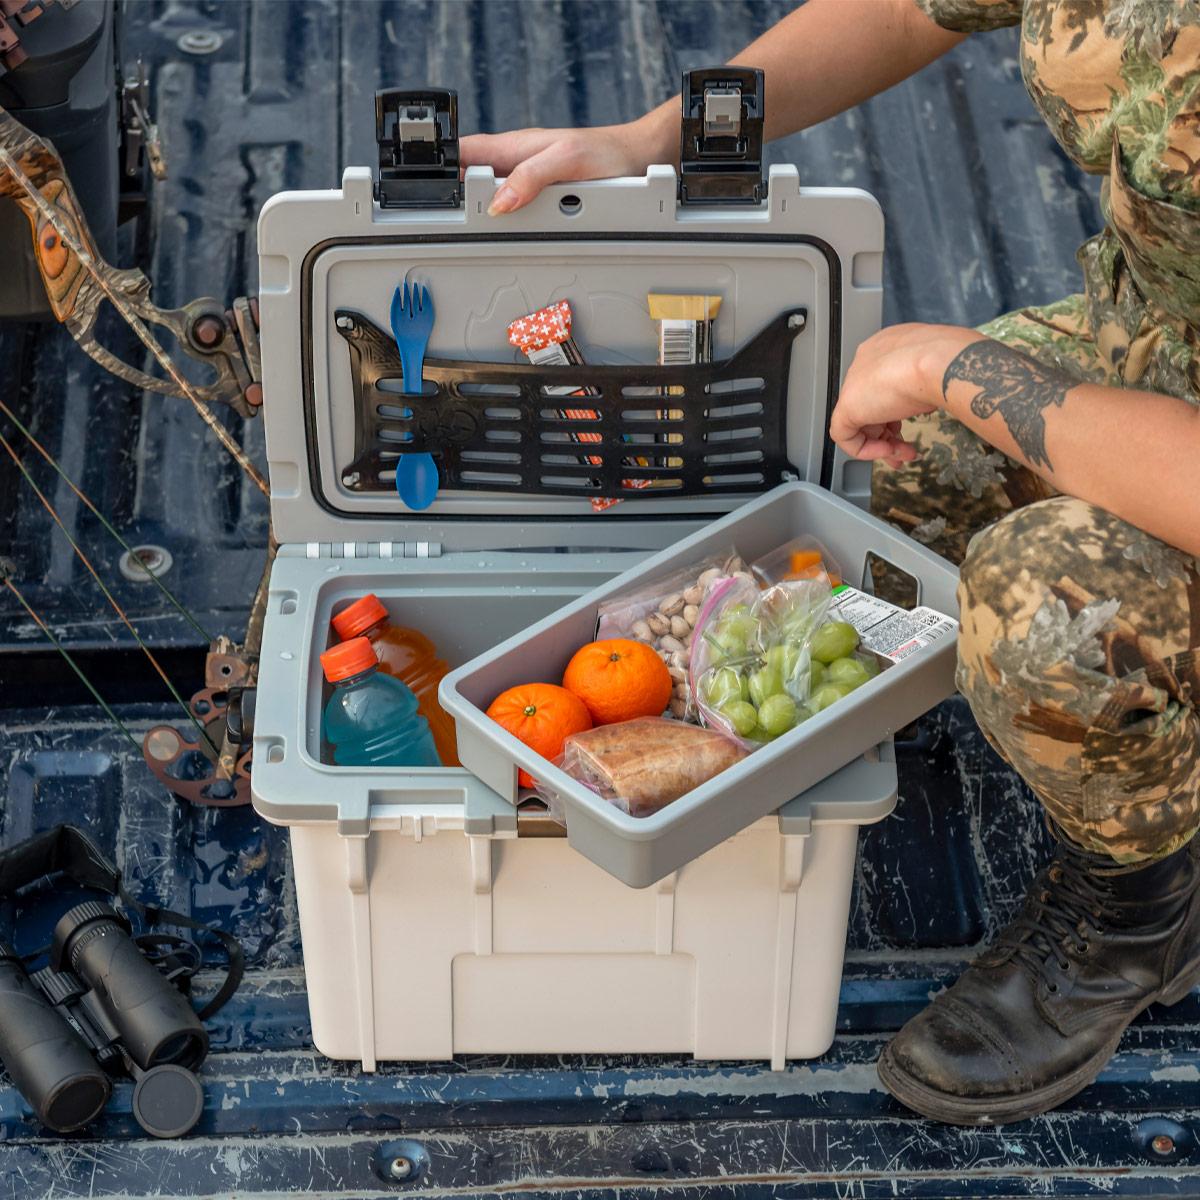 pelican 14qt three level compartment cooler